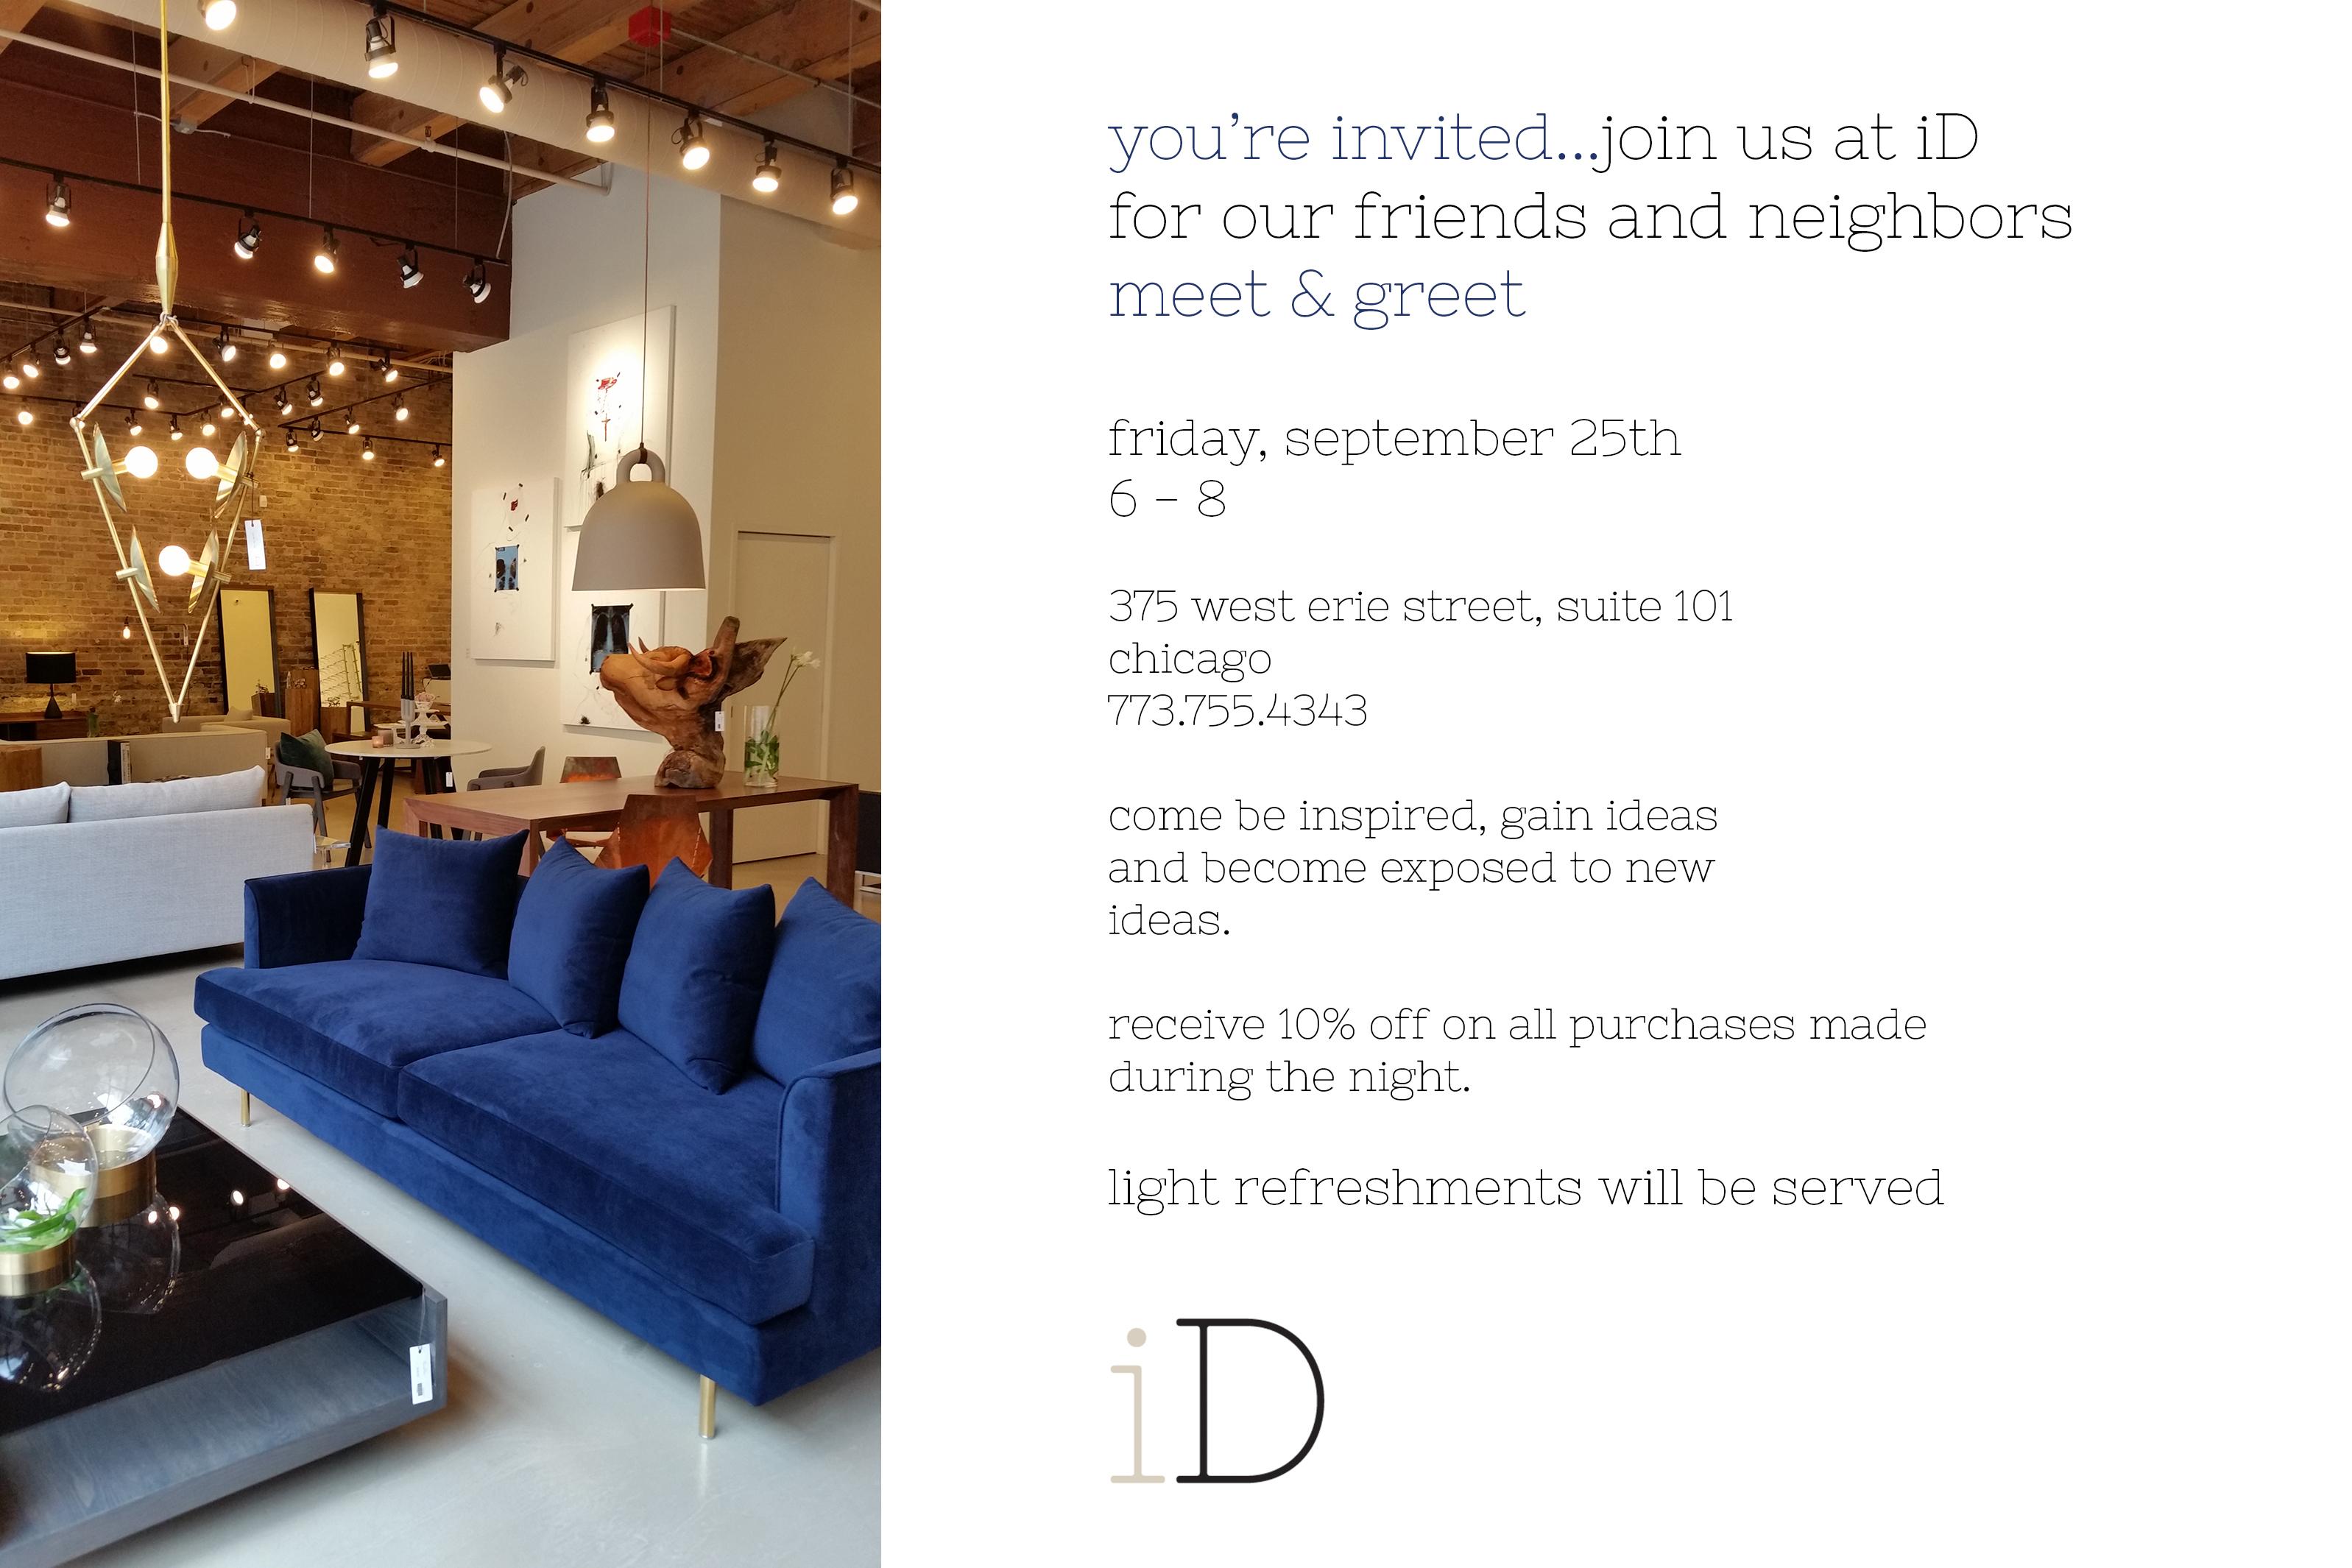 Meet and Greet at iD